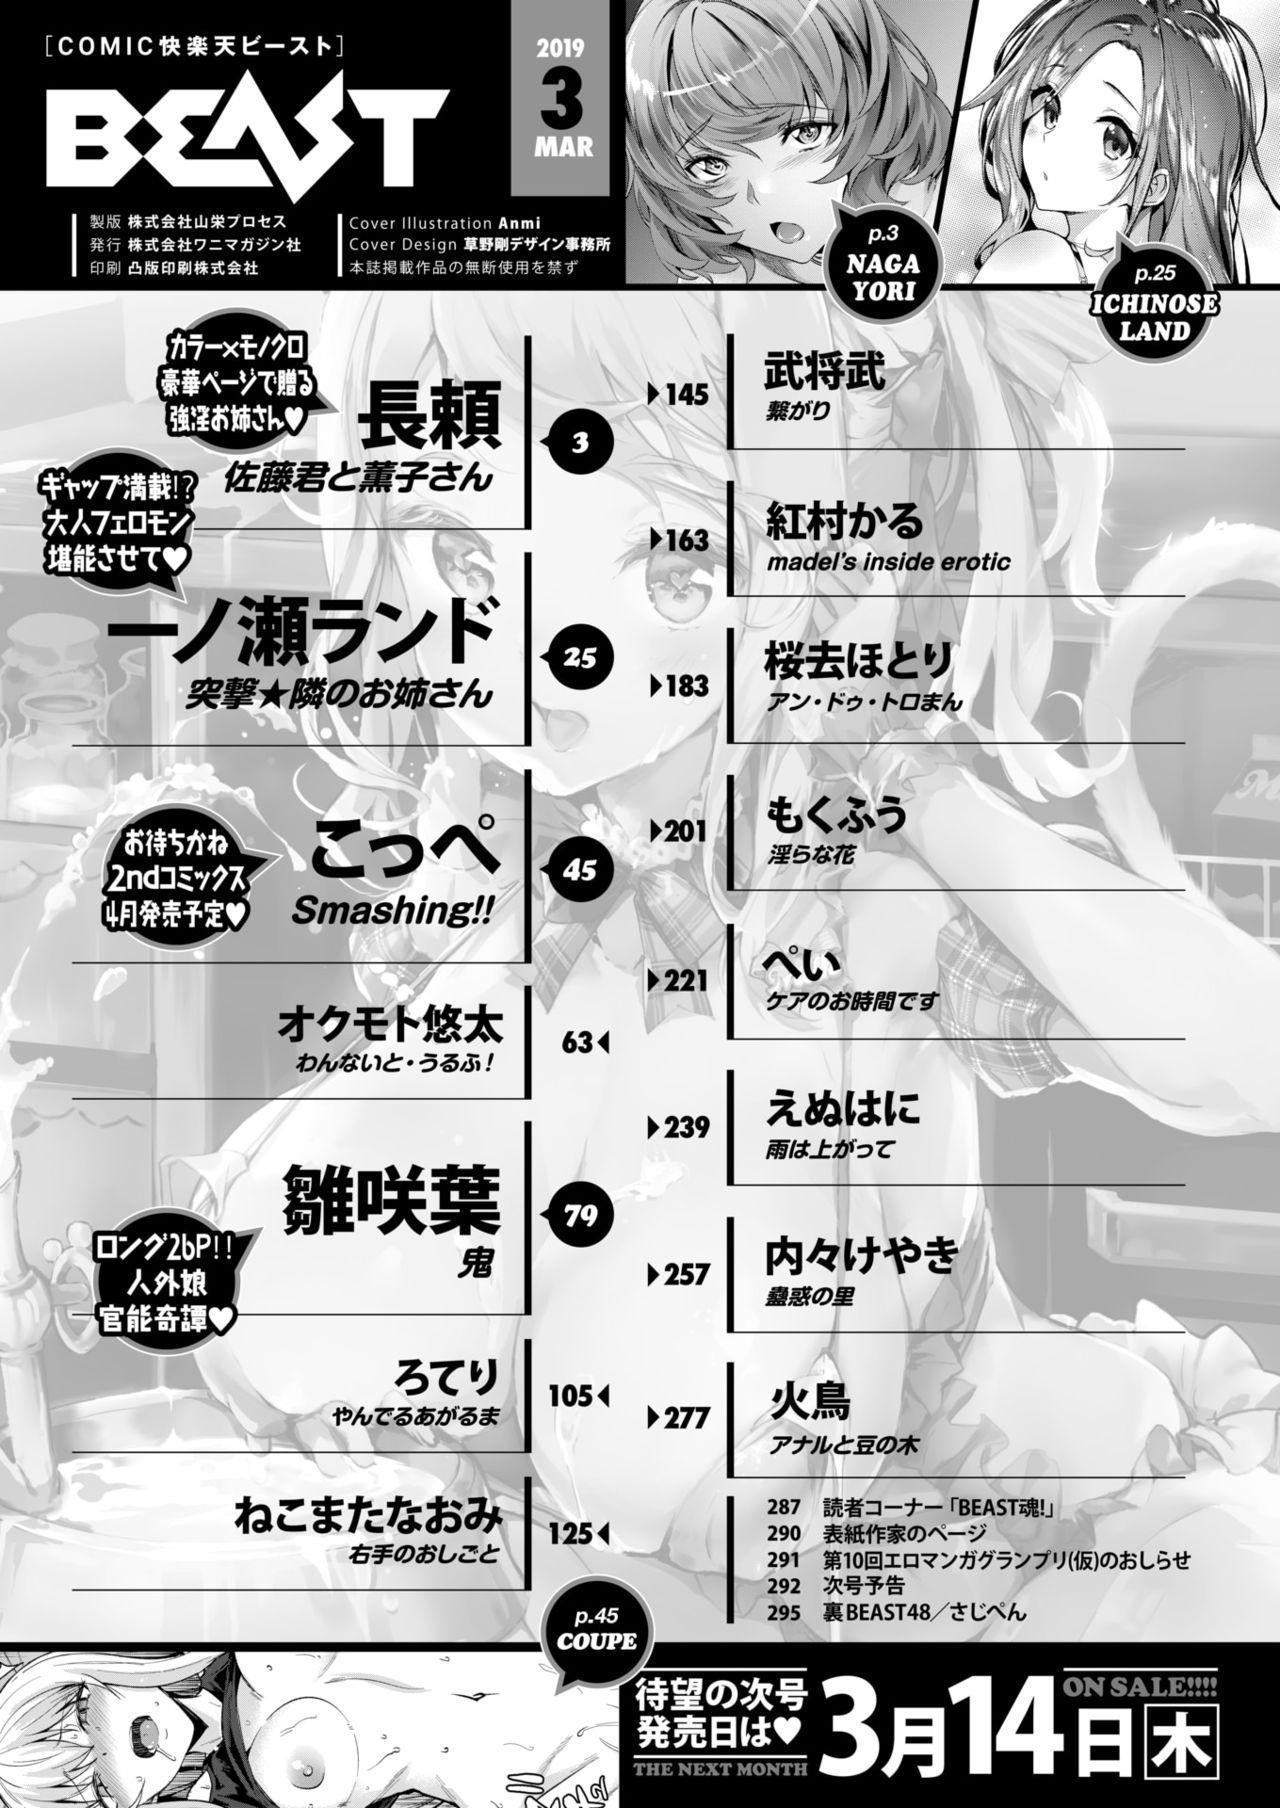 COMIC Kairakuten BEAST 2019-03 2